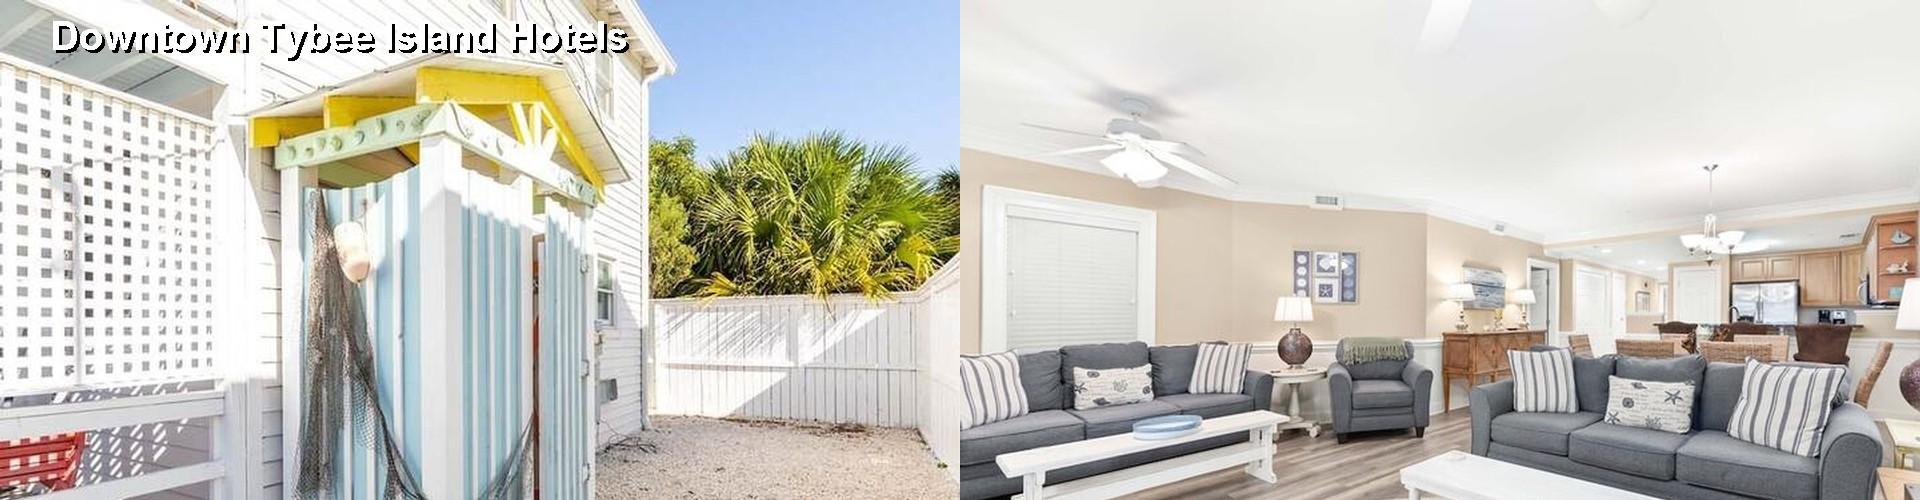 Hotels Near Tybee Island Cheap